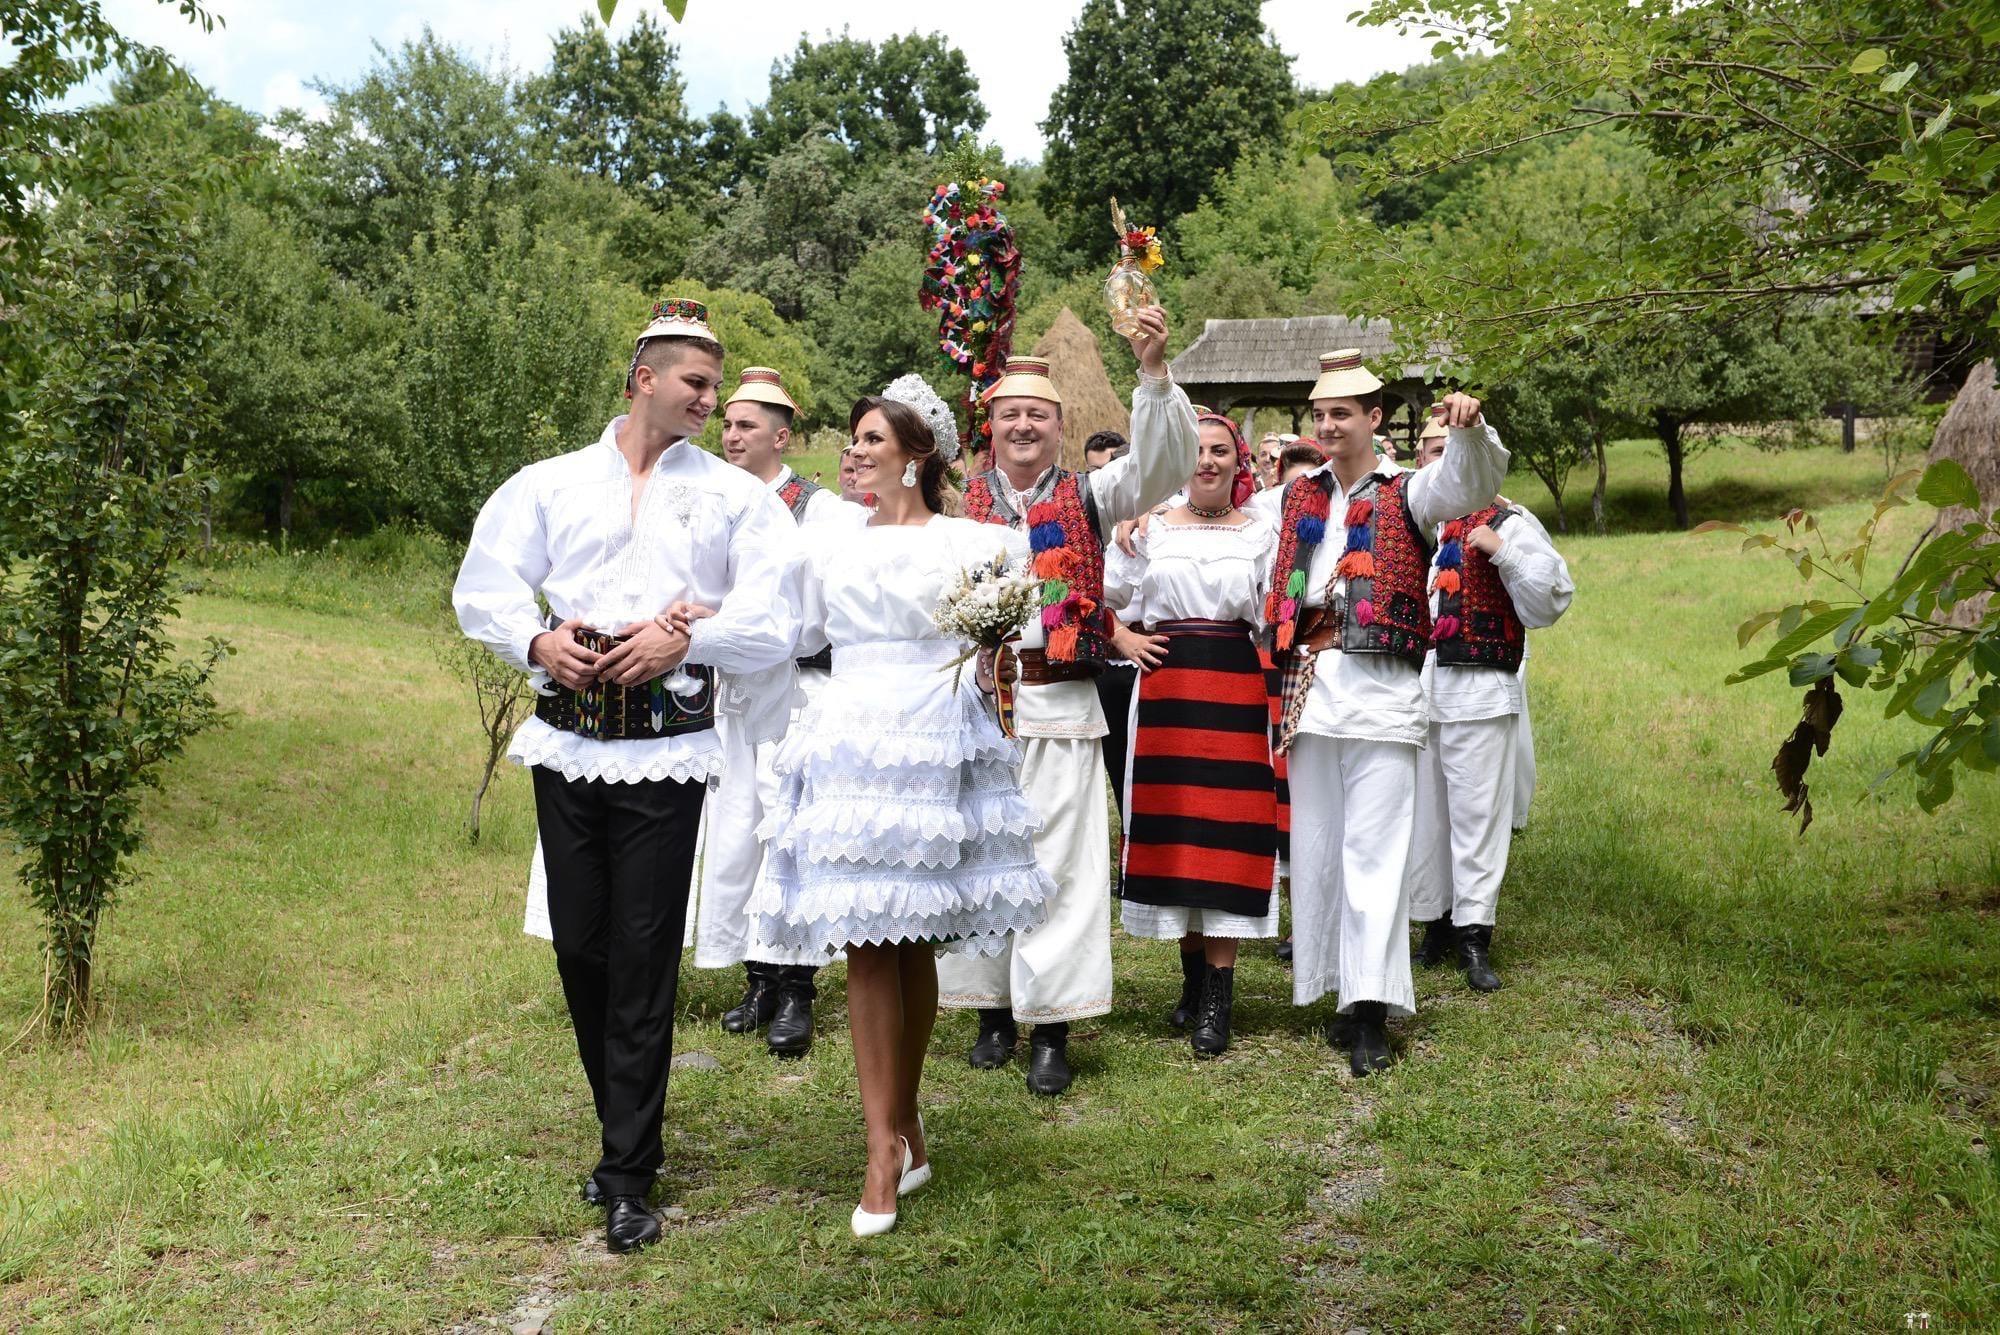 Povești Nunți Tradiționale - Florentina Vlad și Lemnean Ionuț. Cununie tradițională în Baia Mare 25